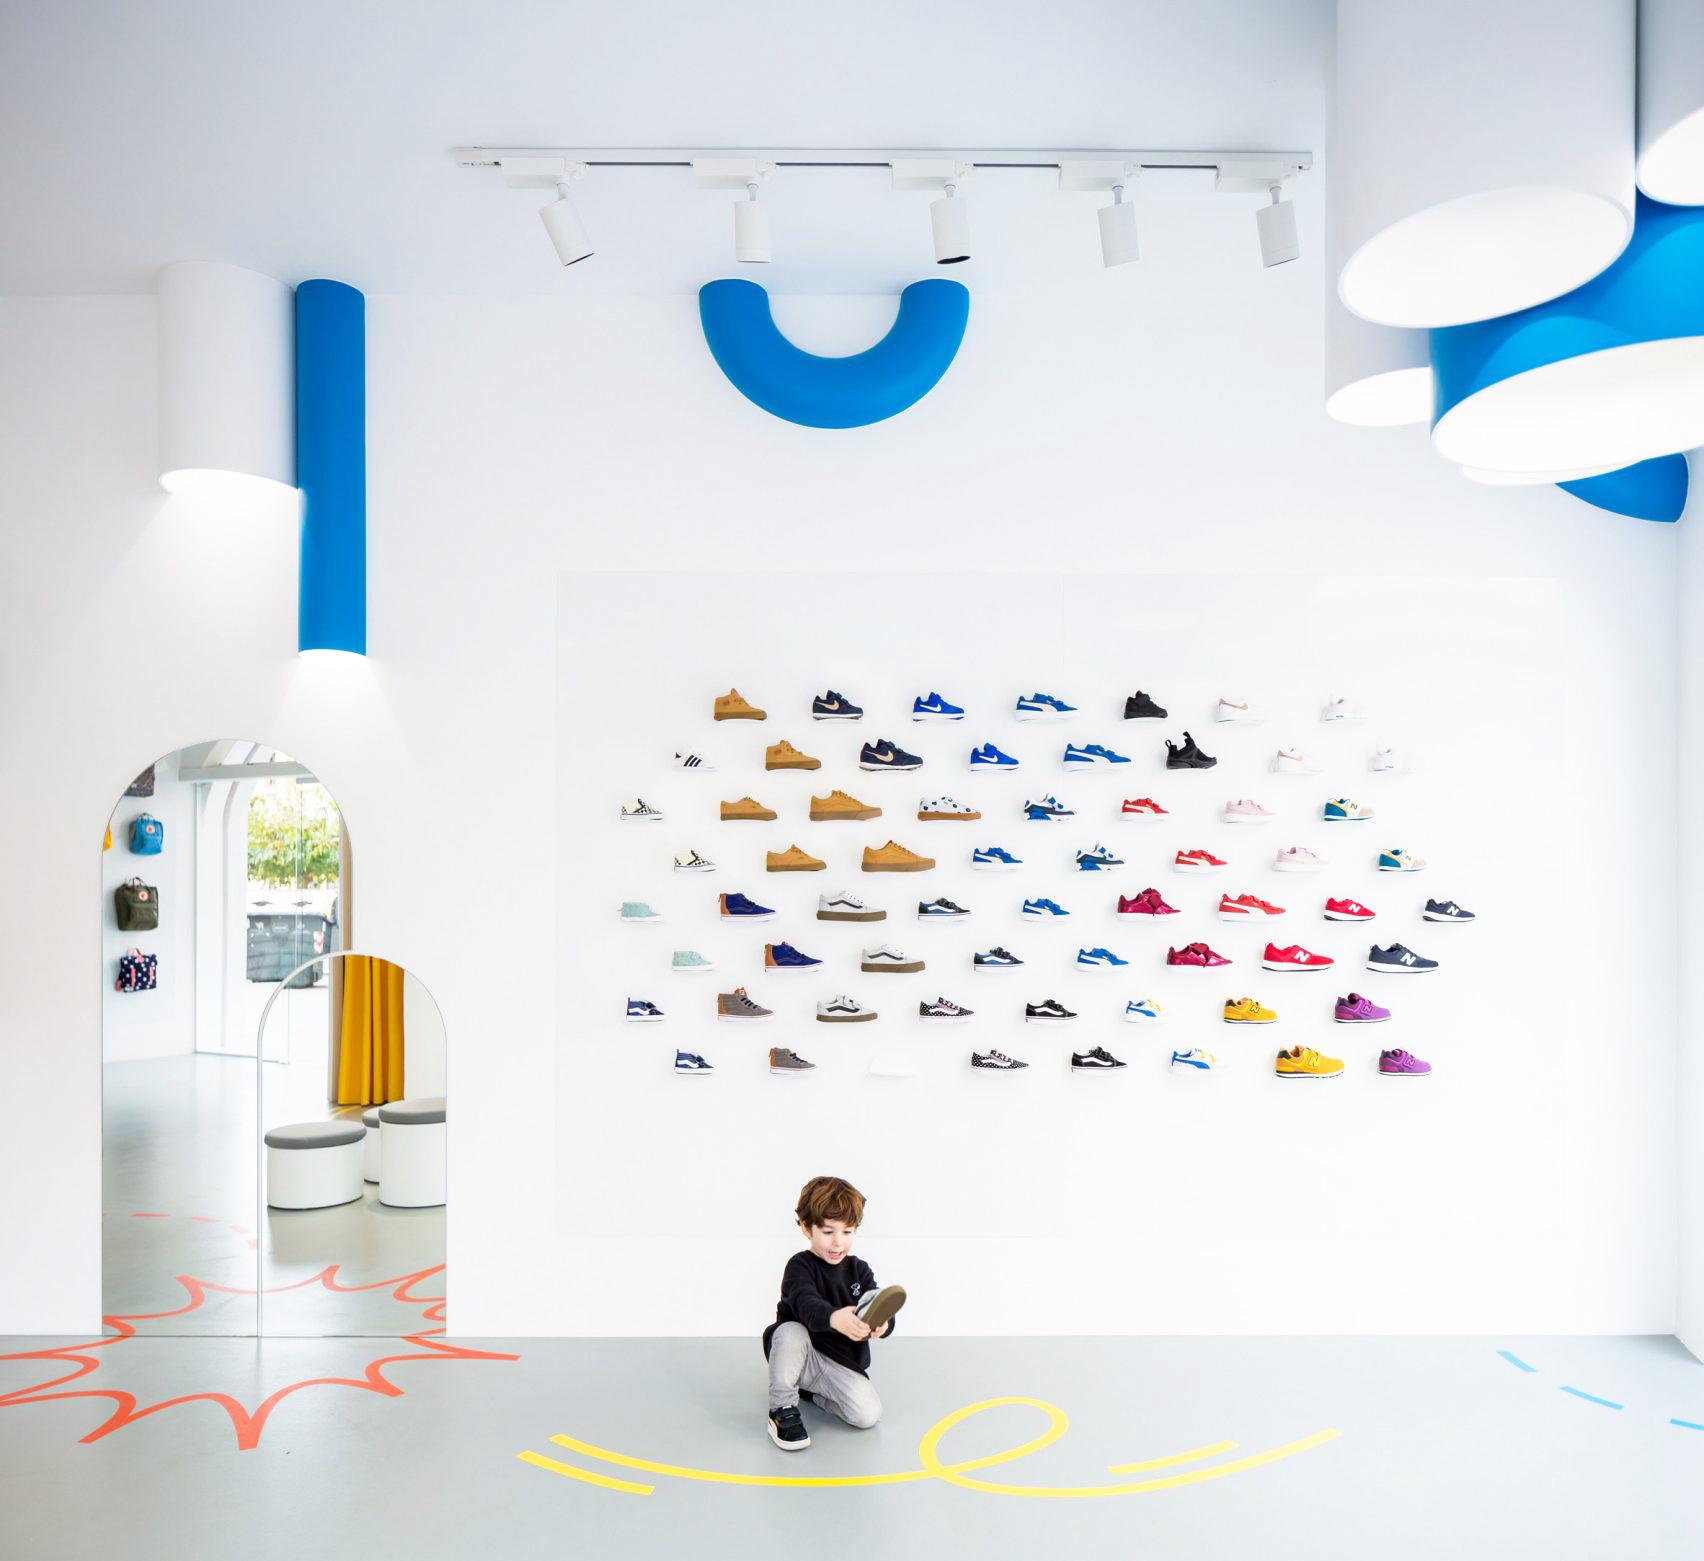 3つのアーチ型出入口が特徴のシューズ店舗のデザインされたディスプレイシステム